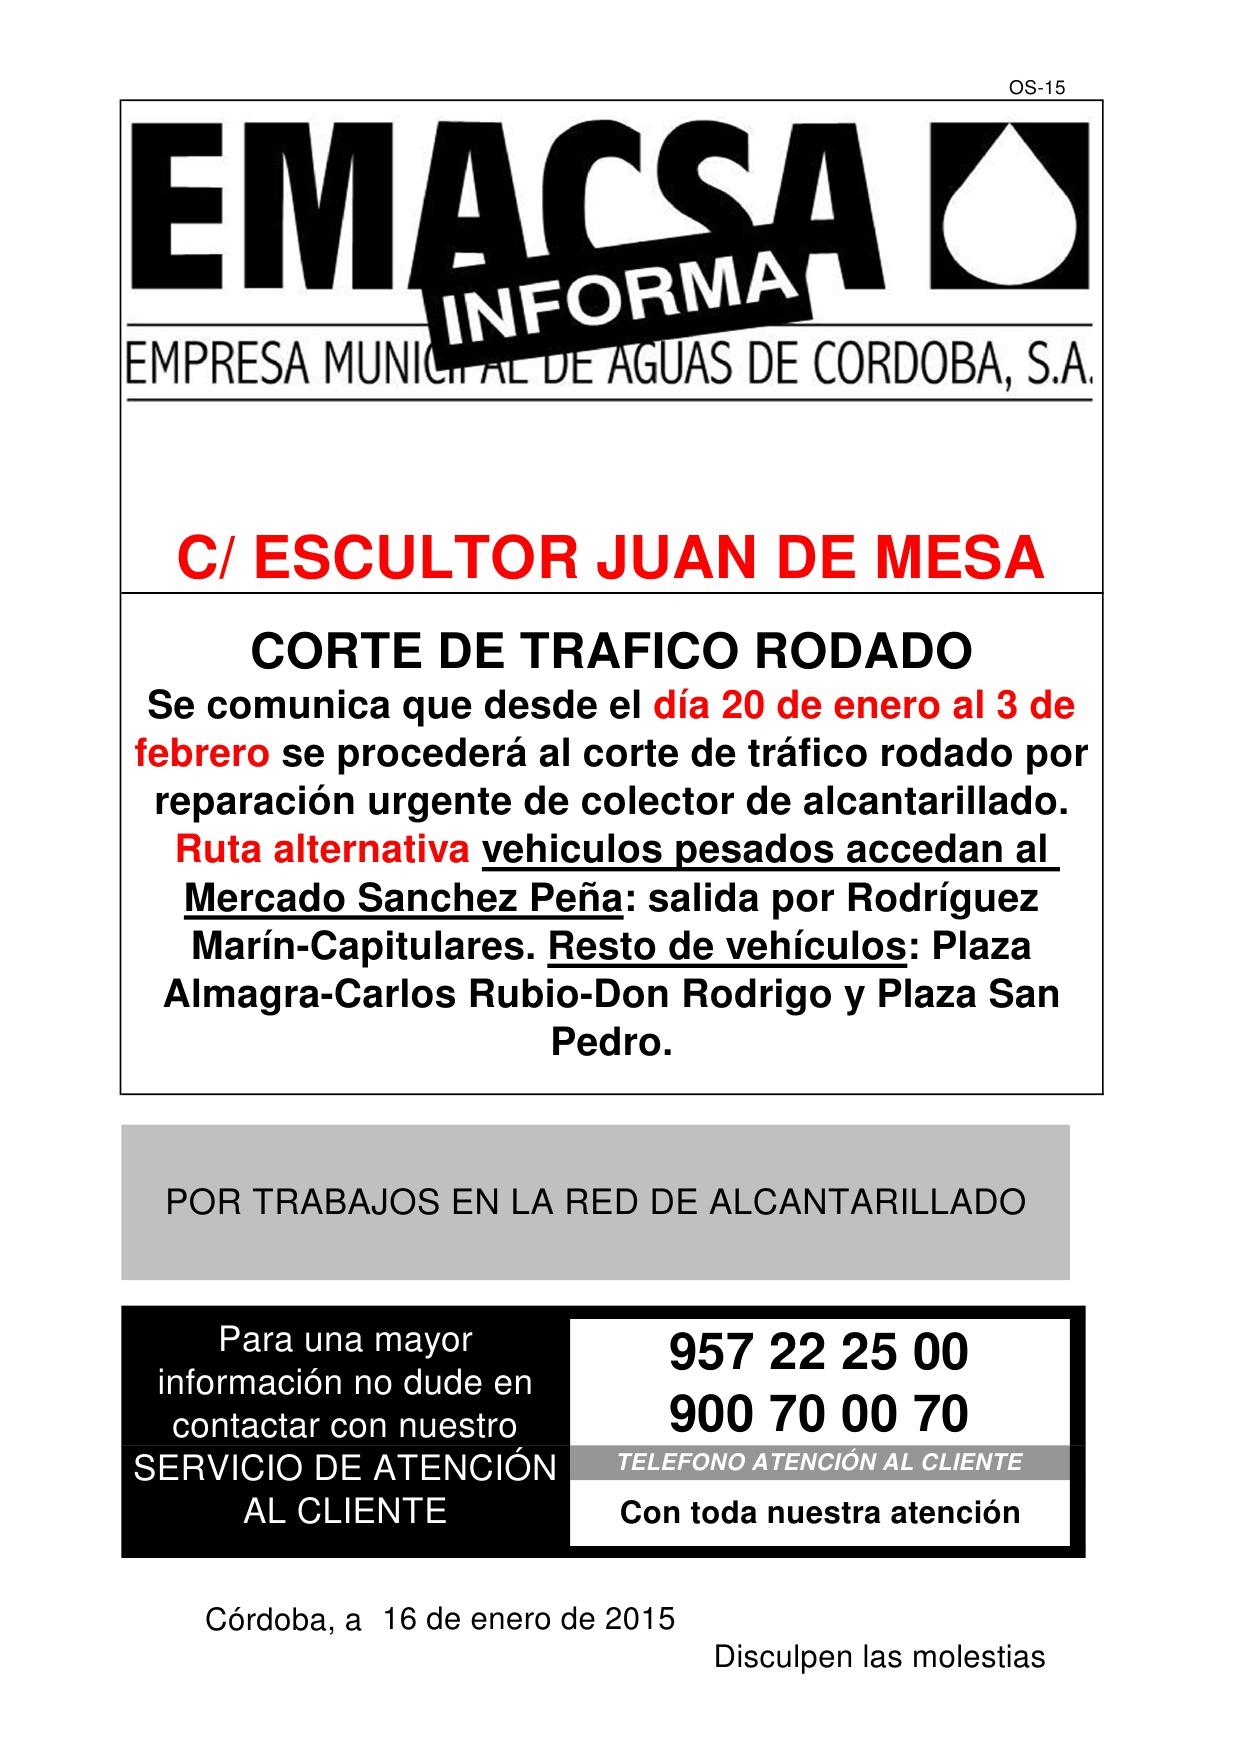 CALLE ESCULTOR JUAN DE MESA (CORTE TRAFICO)